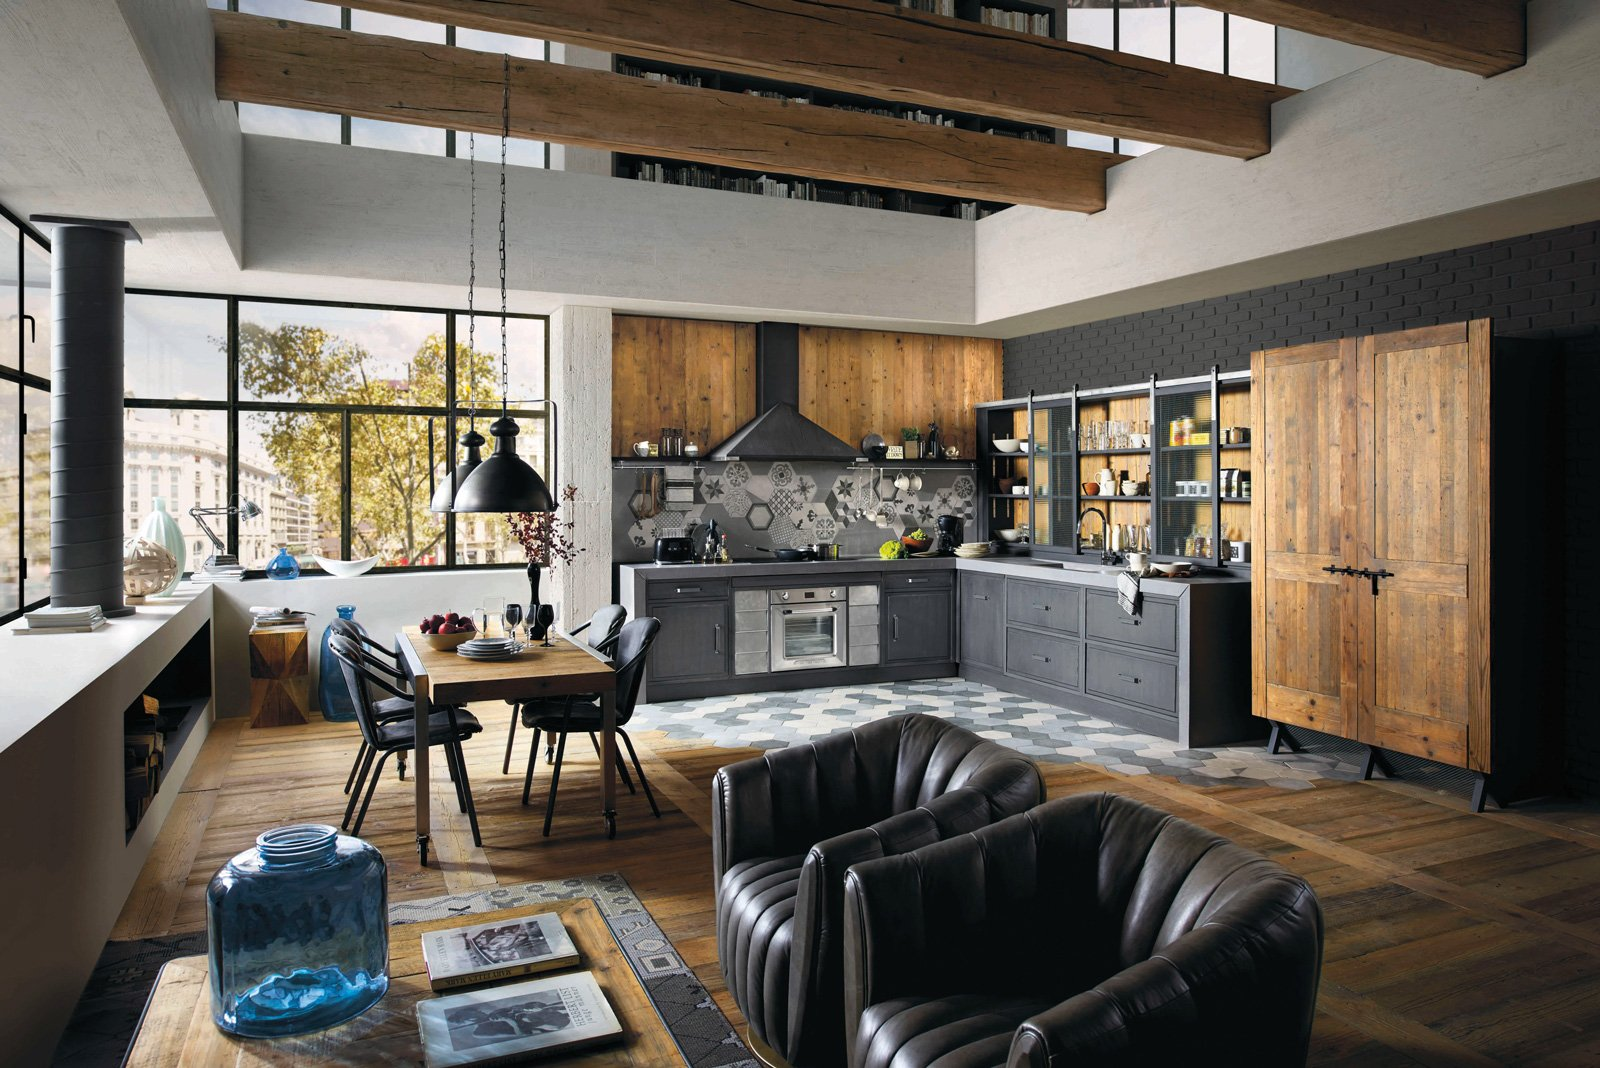 Cucine in stile industriale, materiche e vissute - Cose di Casa